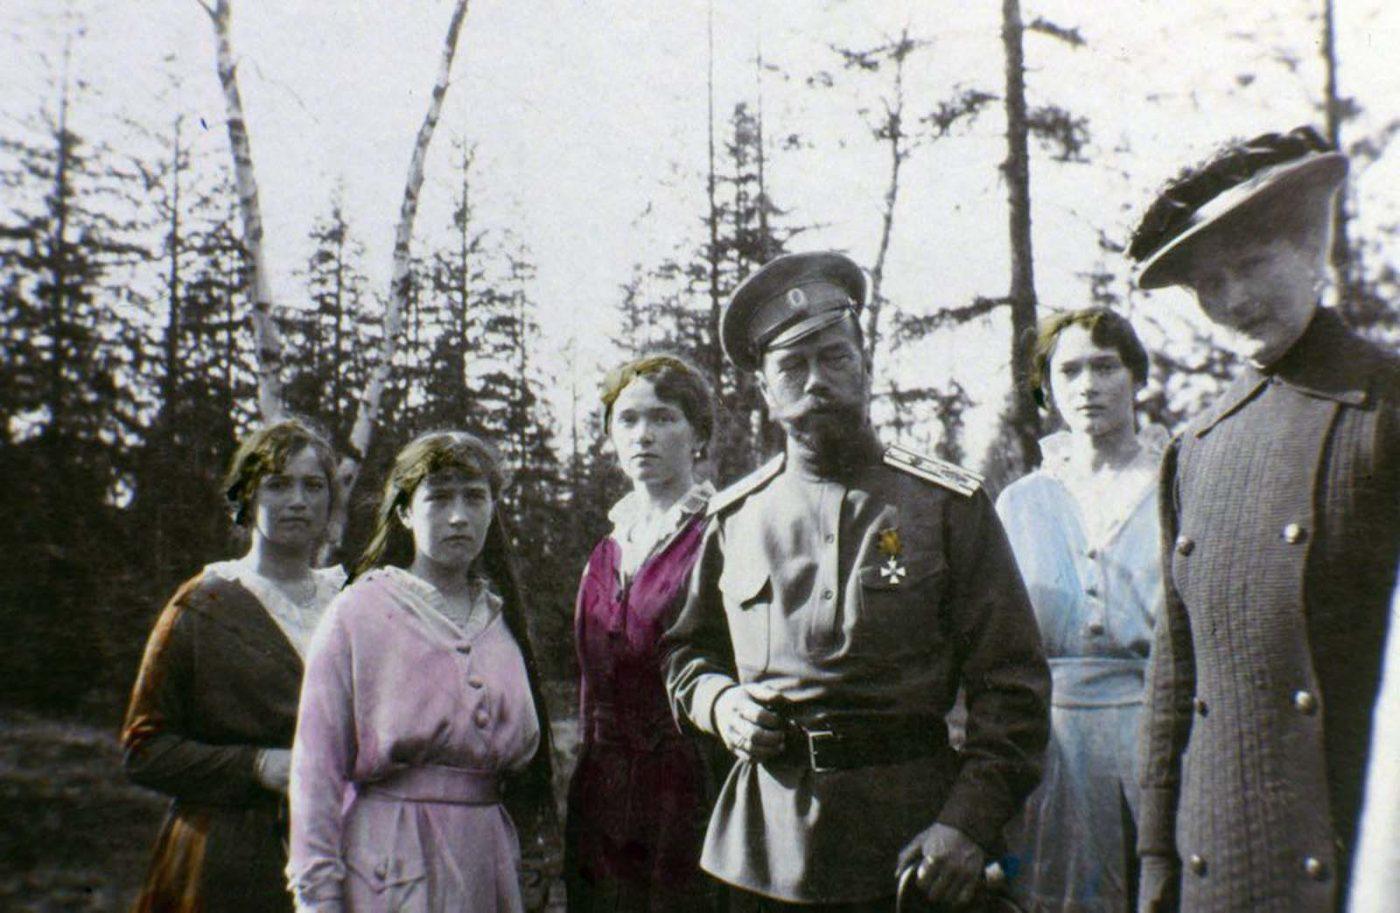 Царь Николай II с дочерьми (слева направо) Мария, Анастасия, Ольга и Татьяна Романовы.